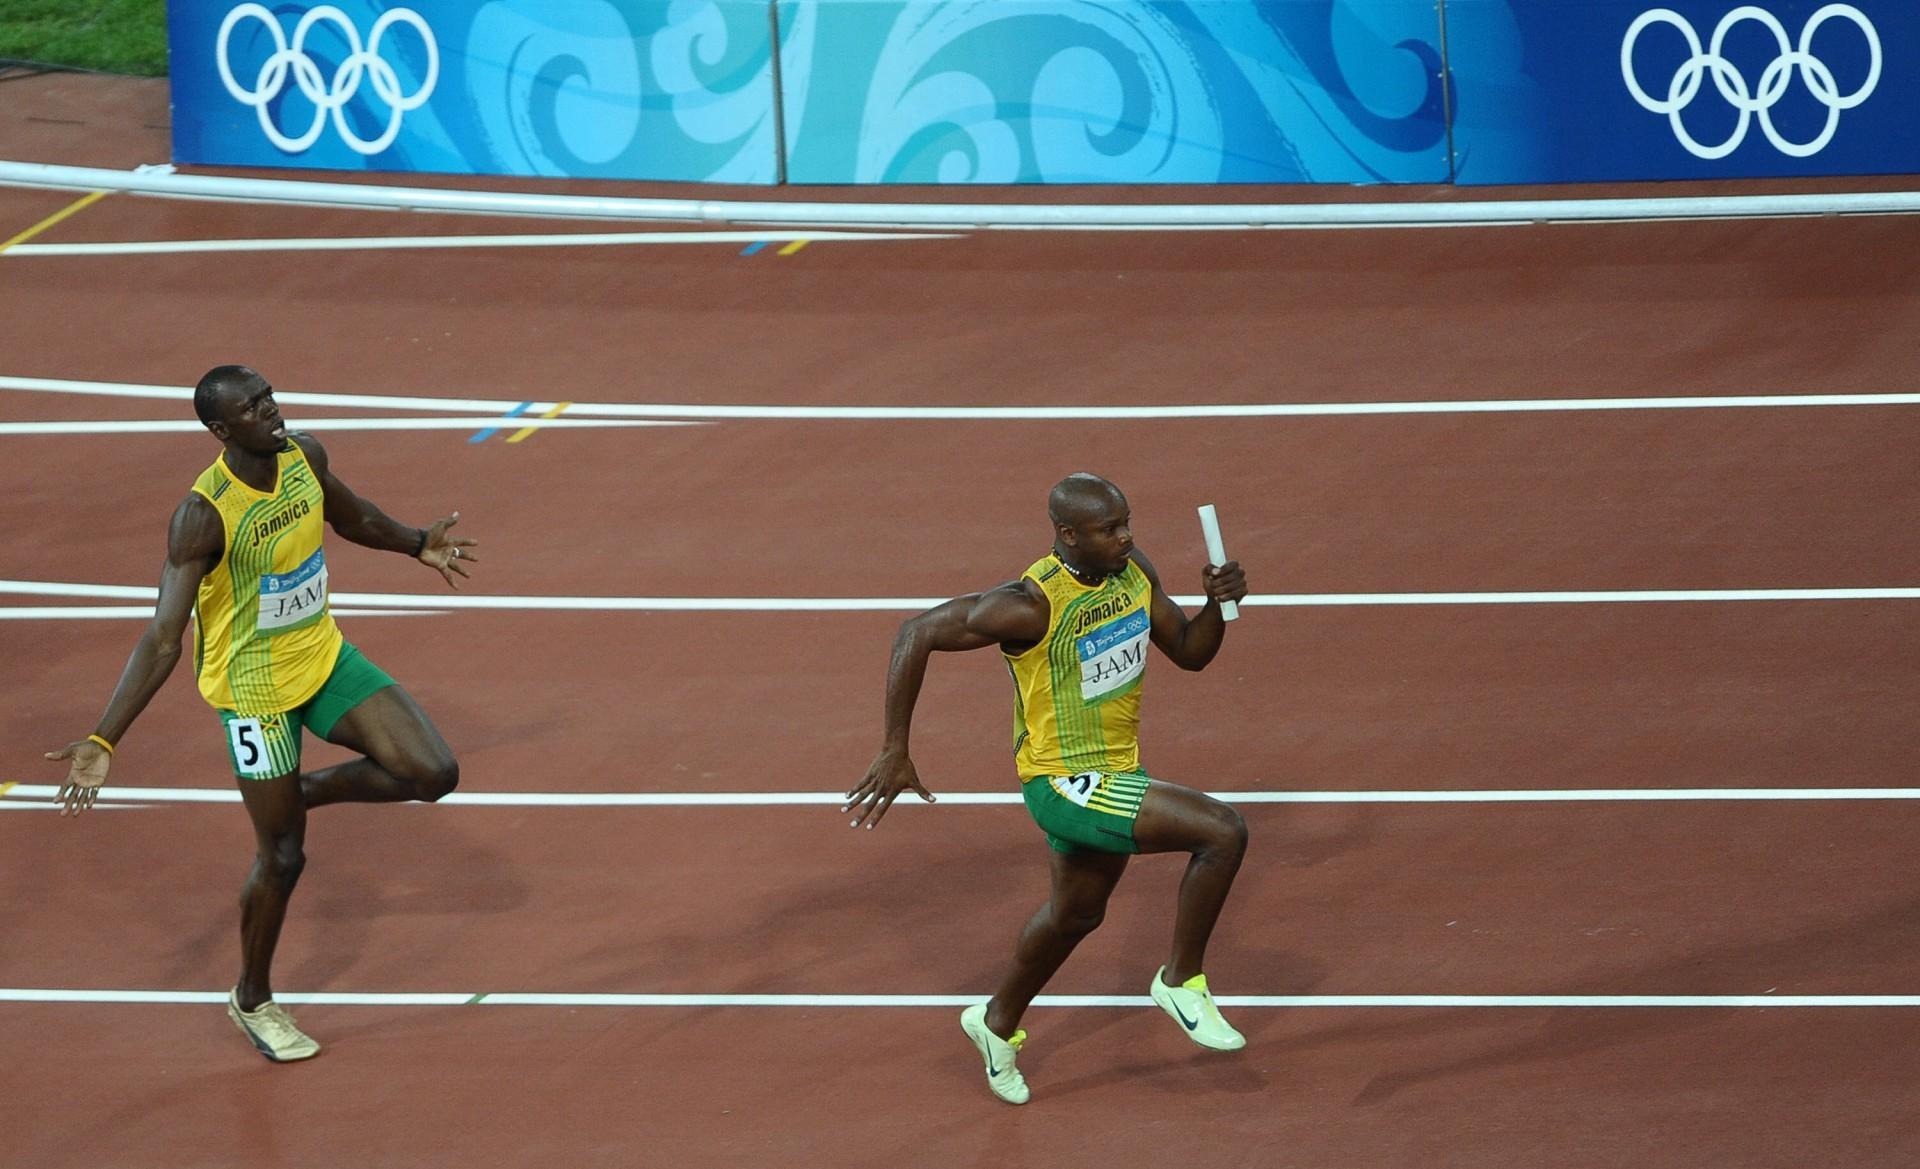 (Foto: Foto: AFP)Asafa Powell, atleta jamaicano, campeão olímpico das olimpíadas do Rio, 2006